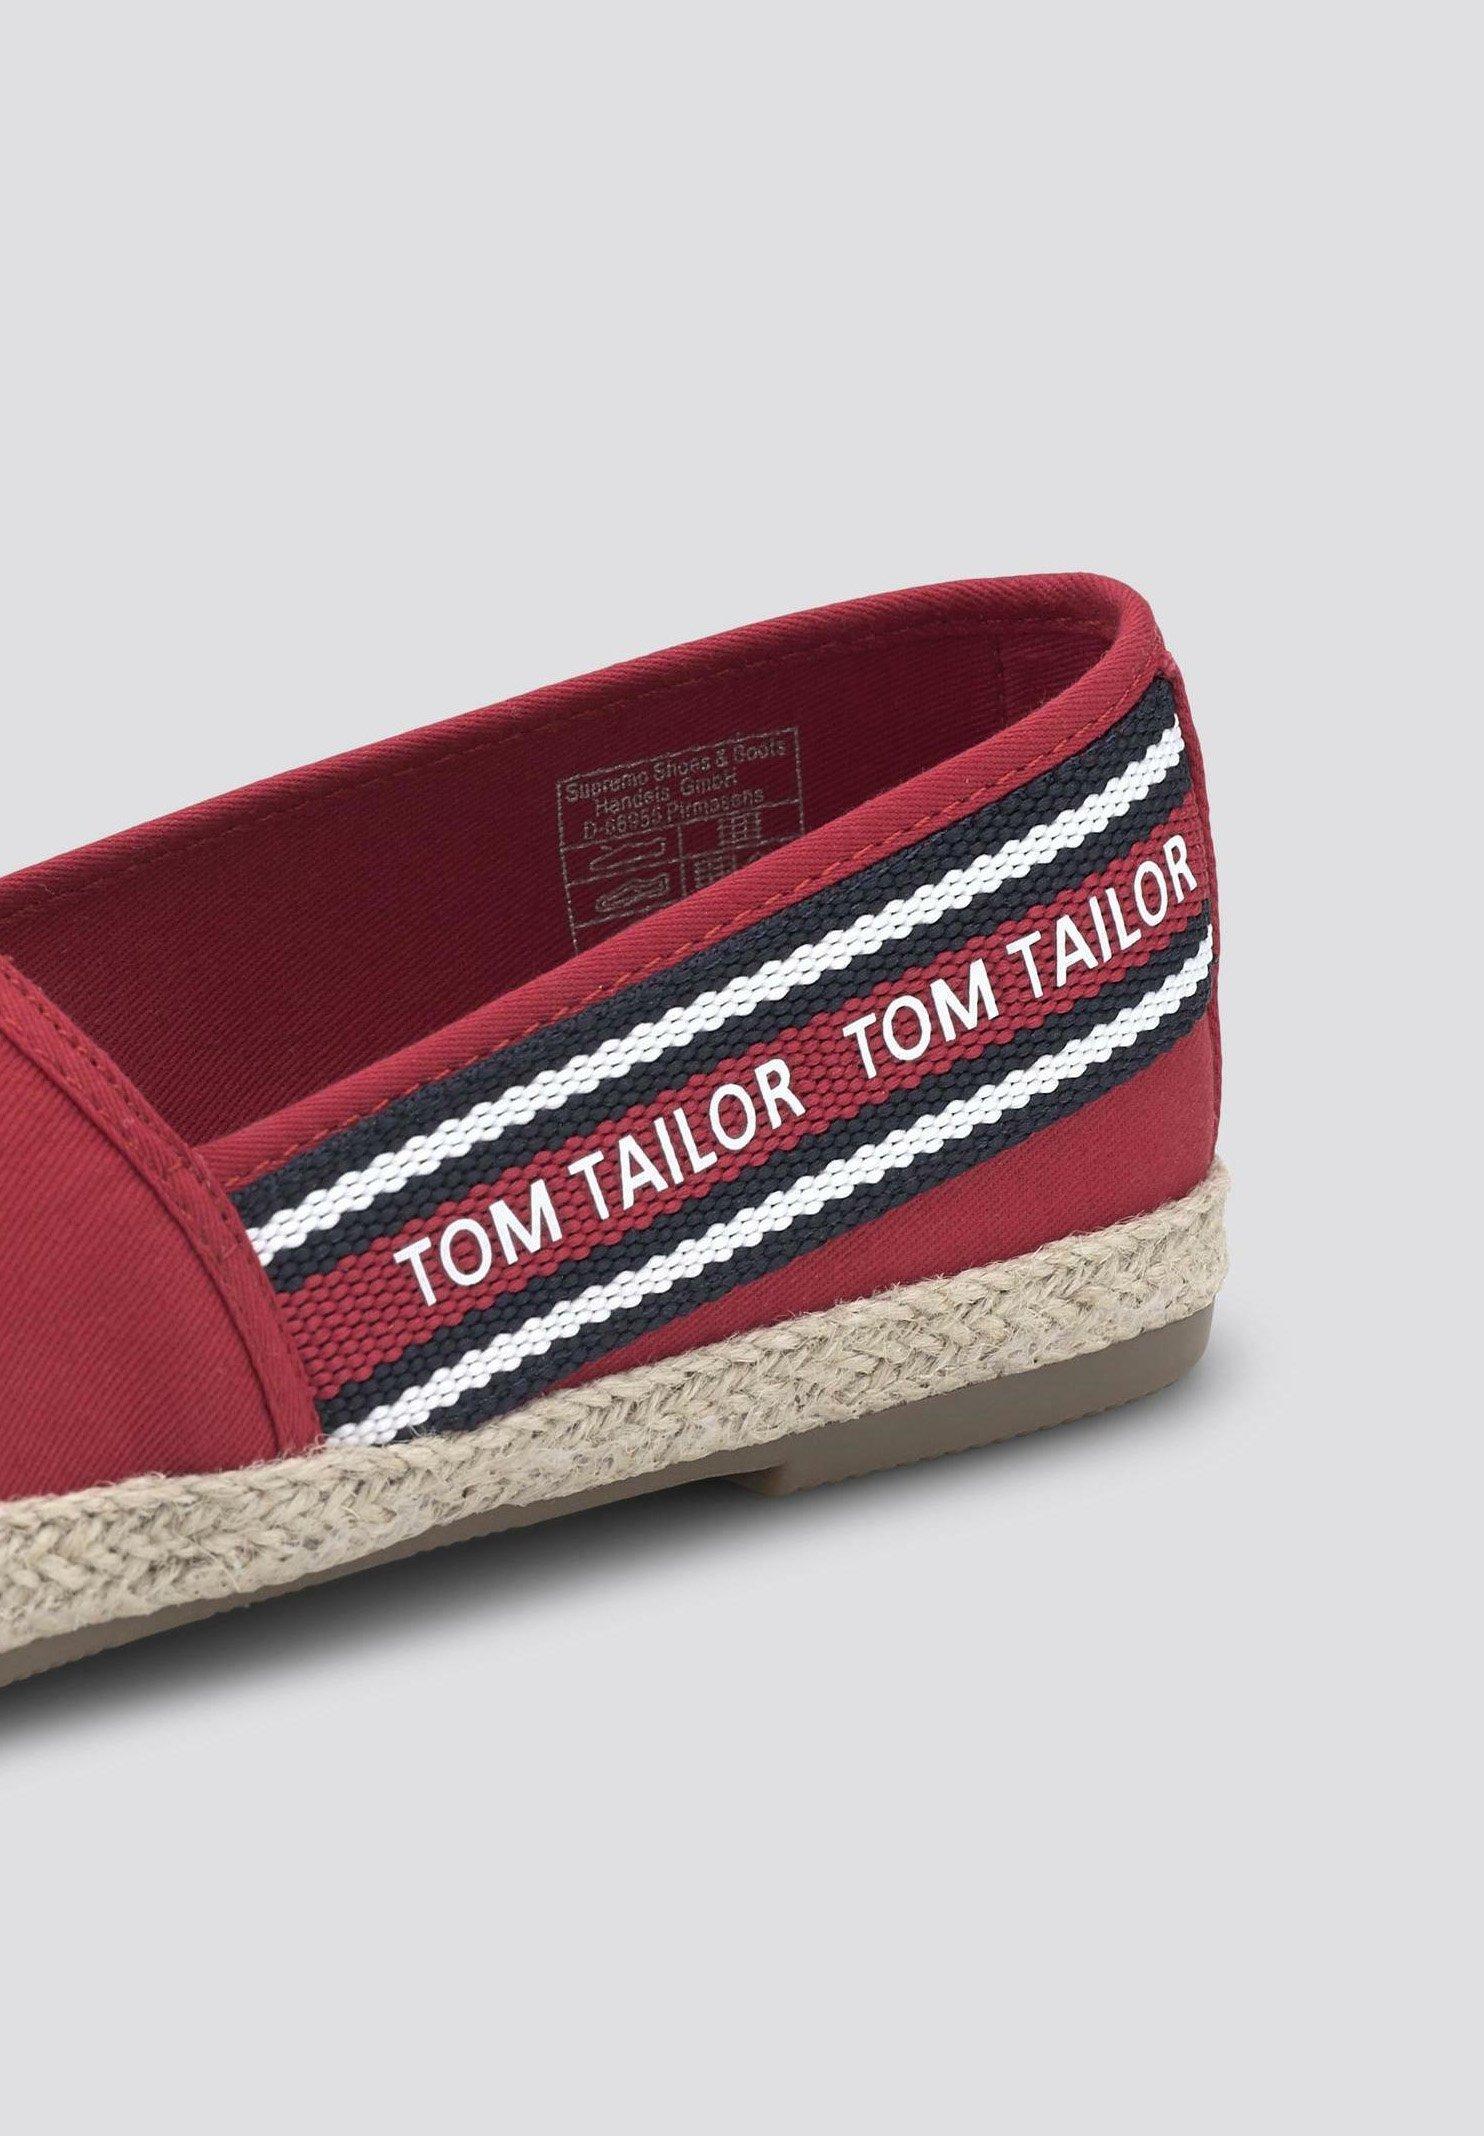 Tom Tailor Espadrilles - Red Goedkope Schoenen